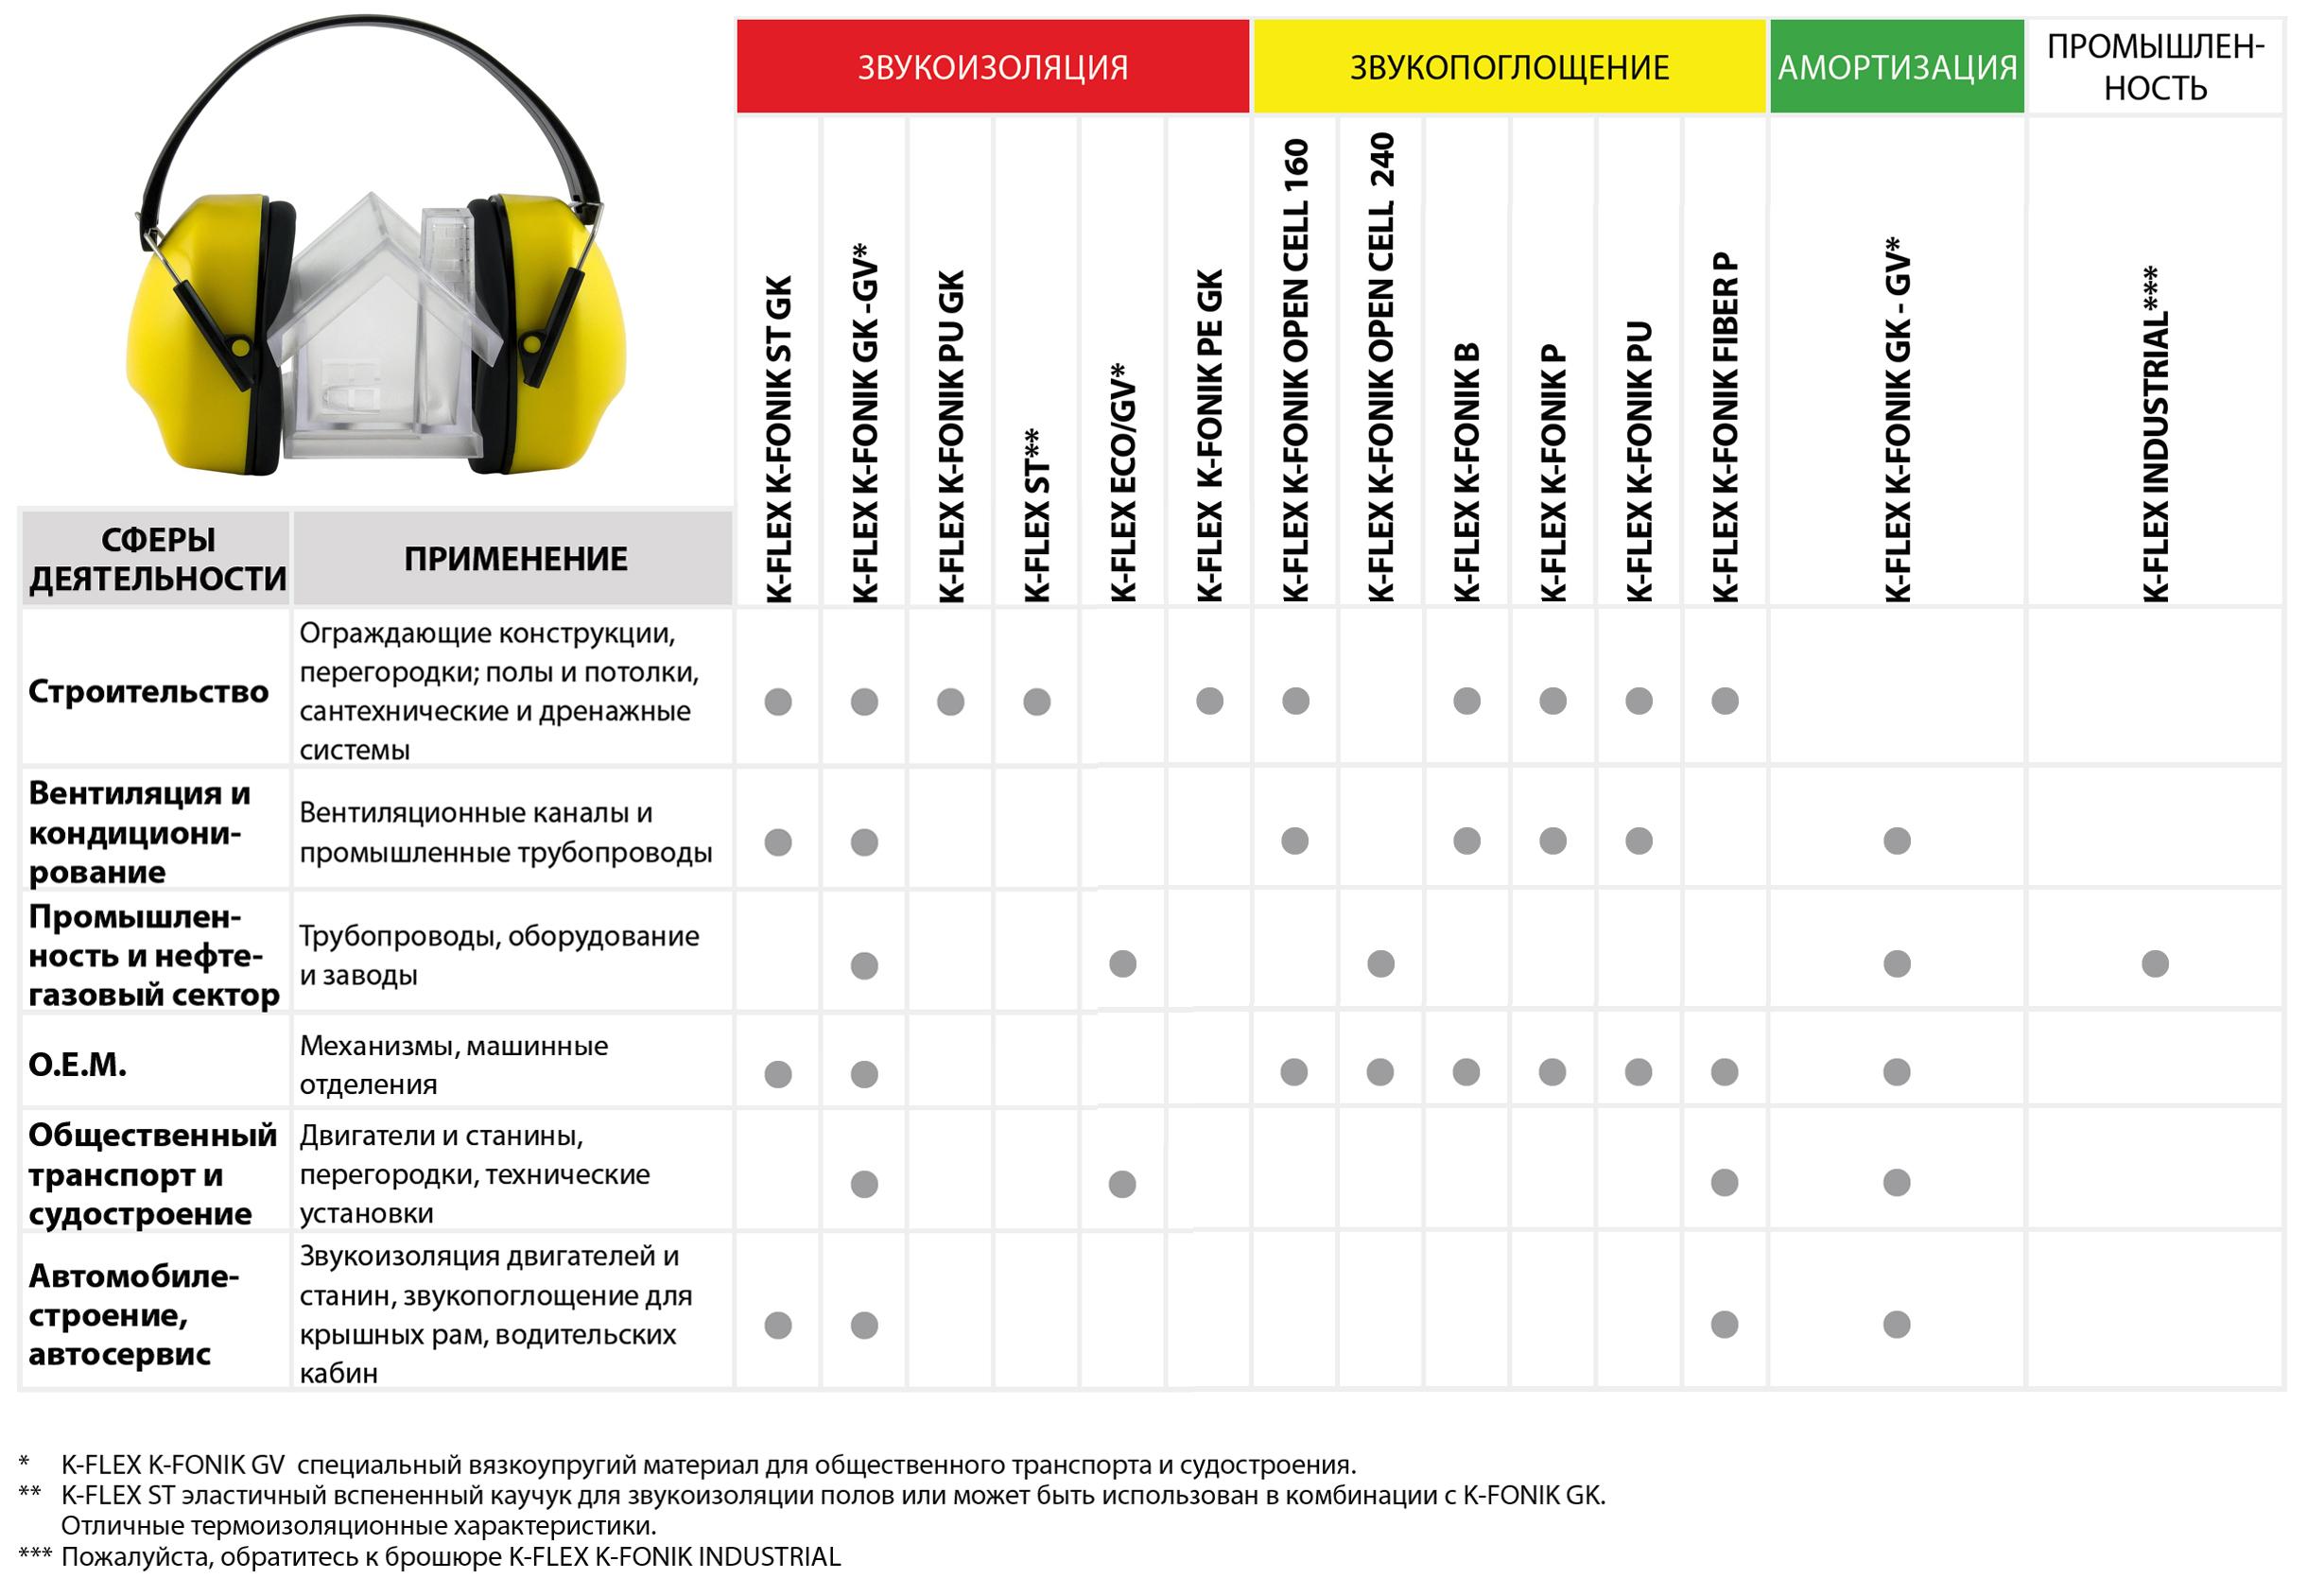 Области применения разных моделей звукоизоляции K-Fonik